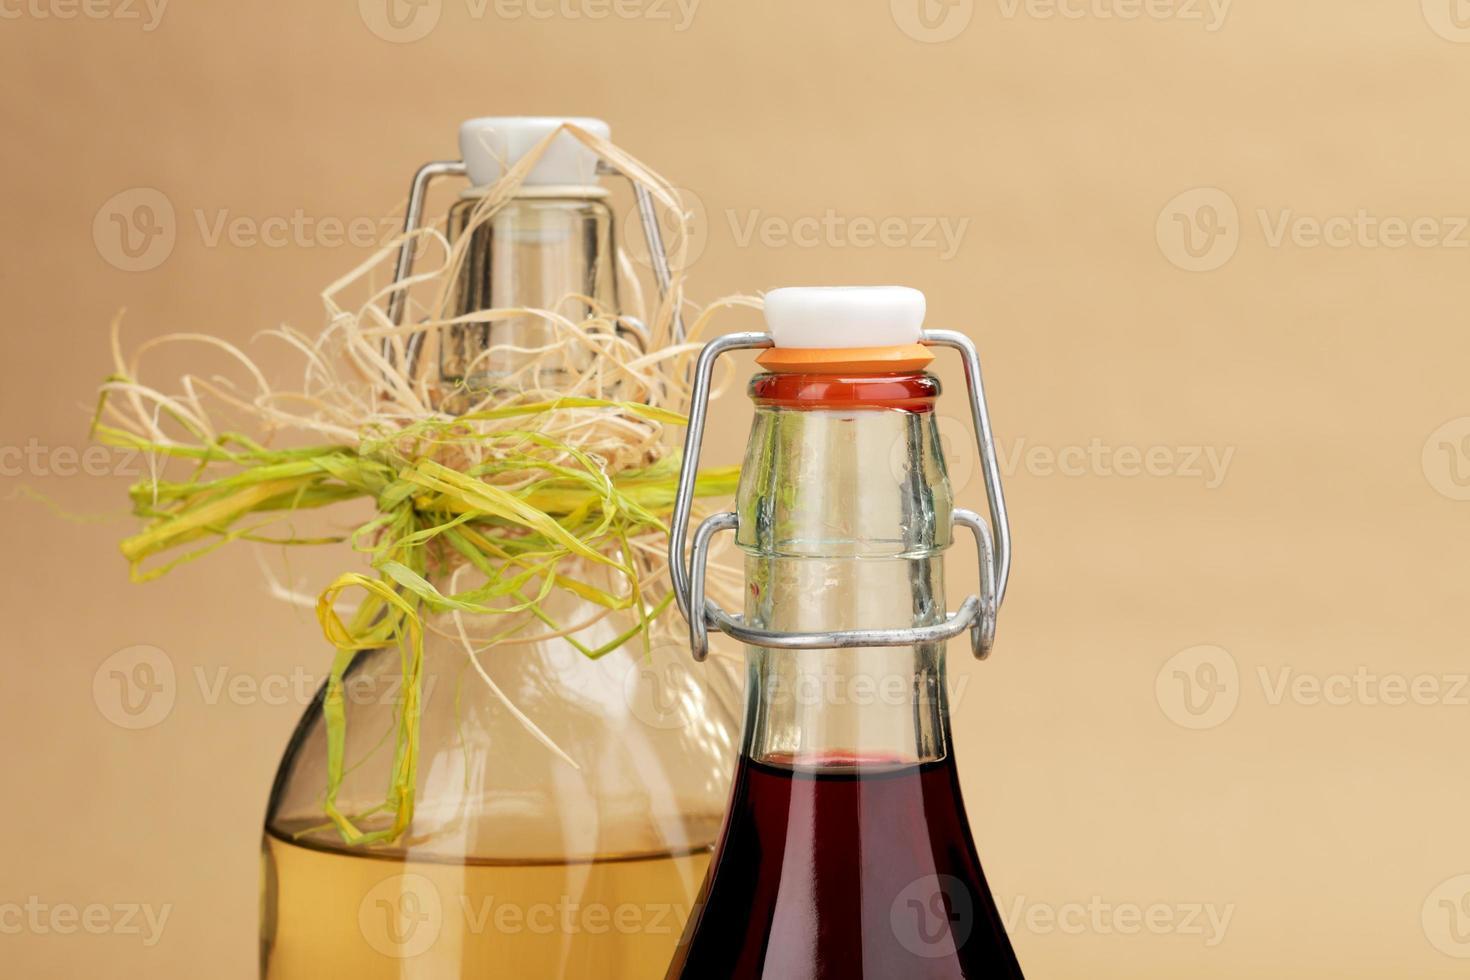 hausgemachte Rot- und Weißweine in klassischen Flaschen foto